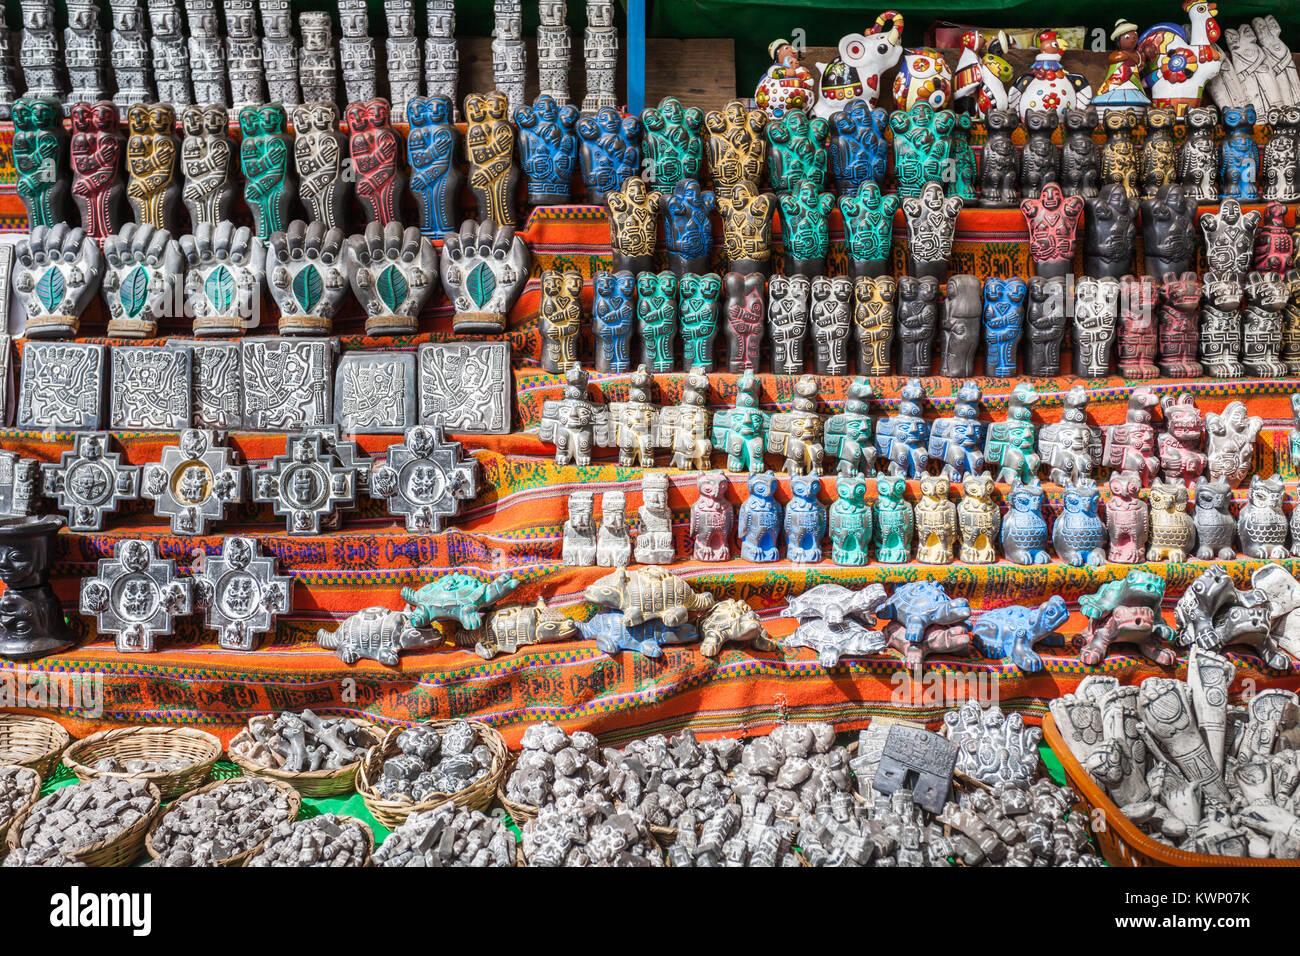 68b8b08e7948 Souvenirs La Paz Bolivia Stock Photos   Souvenirs La Paz Bolivia ...